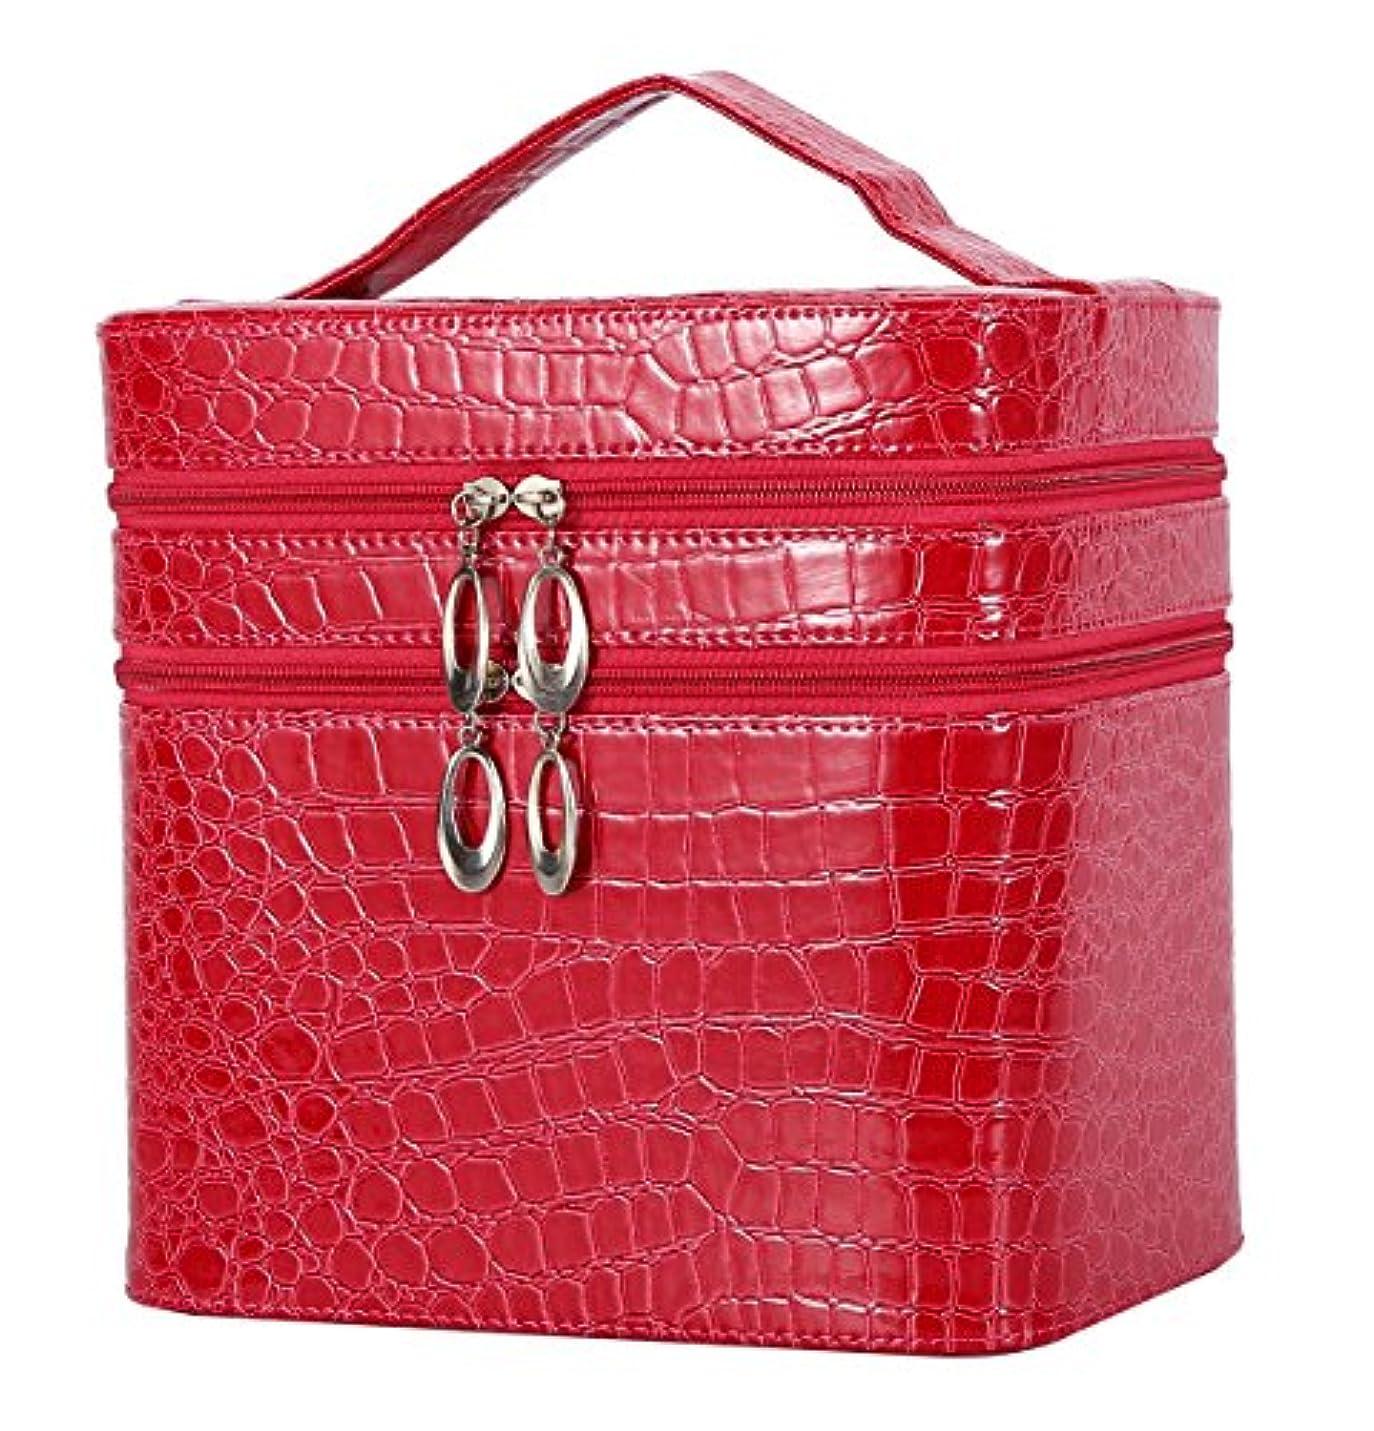 不条理ほのめかす吹きさらしHOYOFO メイクボックス 大容量 鏡付き おしゃれ コスメ収納 化粧品 収納 化粧 ボックス 2段タイプ レッド 赤